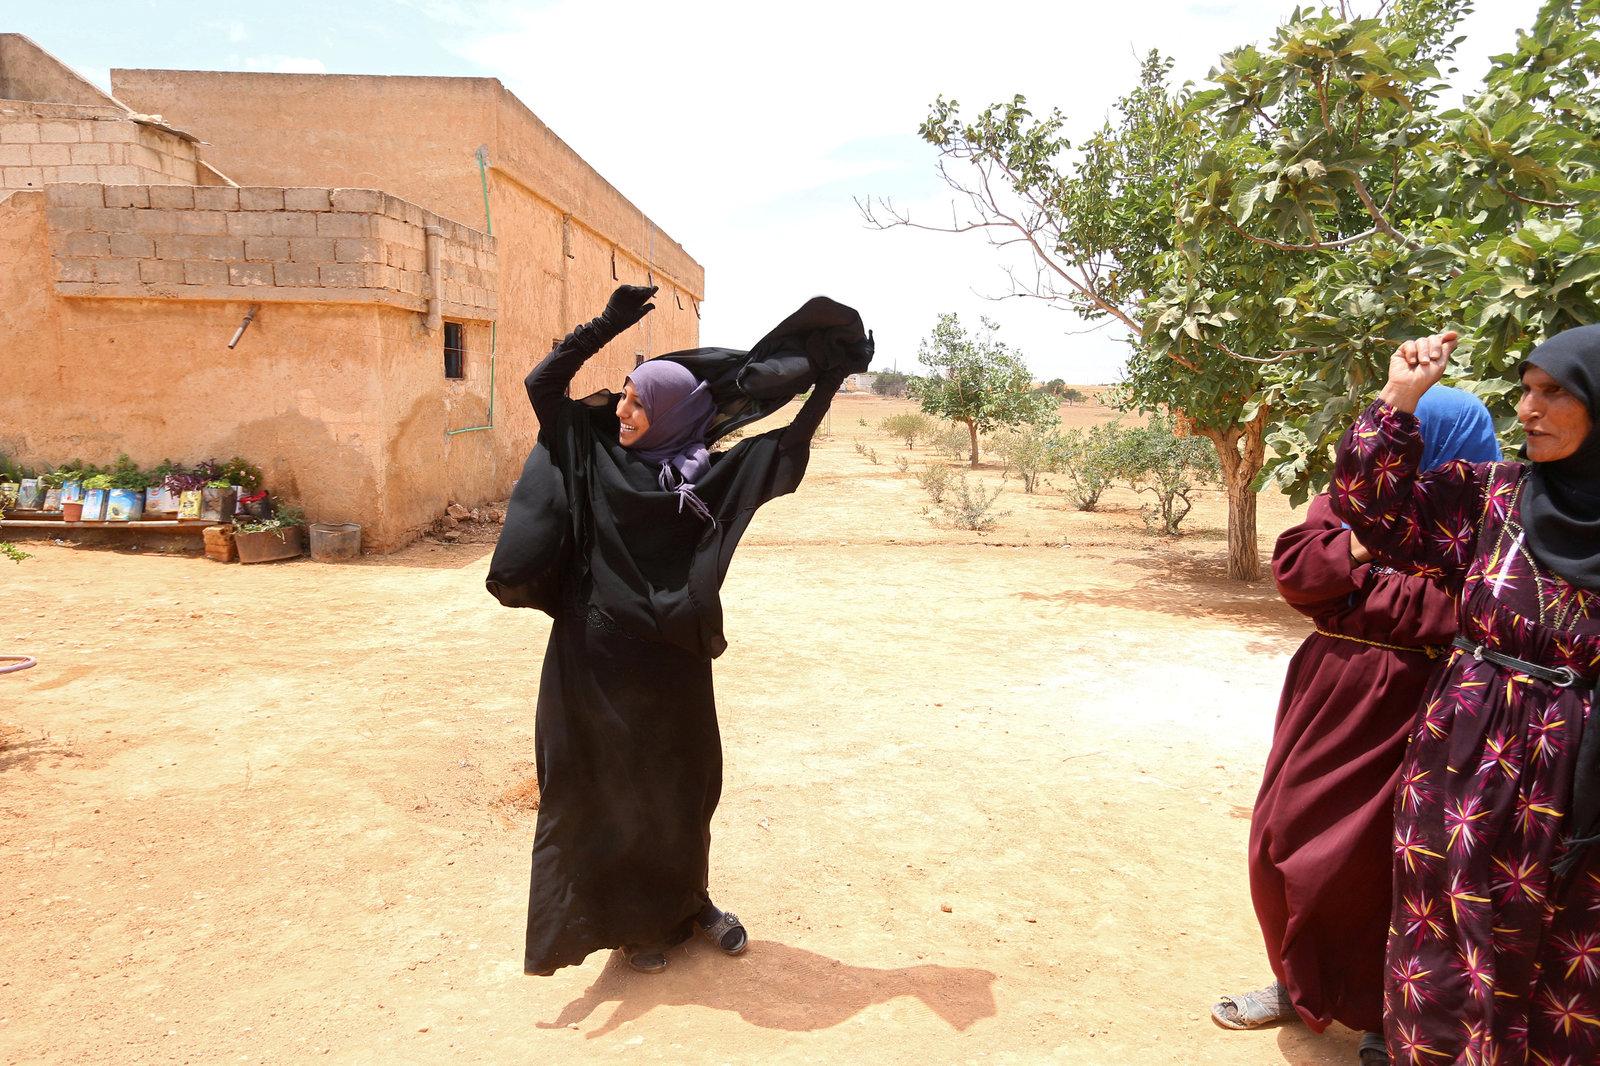 6 月 9 日,敘利亞民主力量收復阿勒頗附近的曼比季市後,當地婦女脫去伊斯蘭面紗 Niqab。